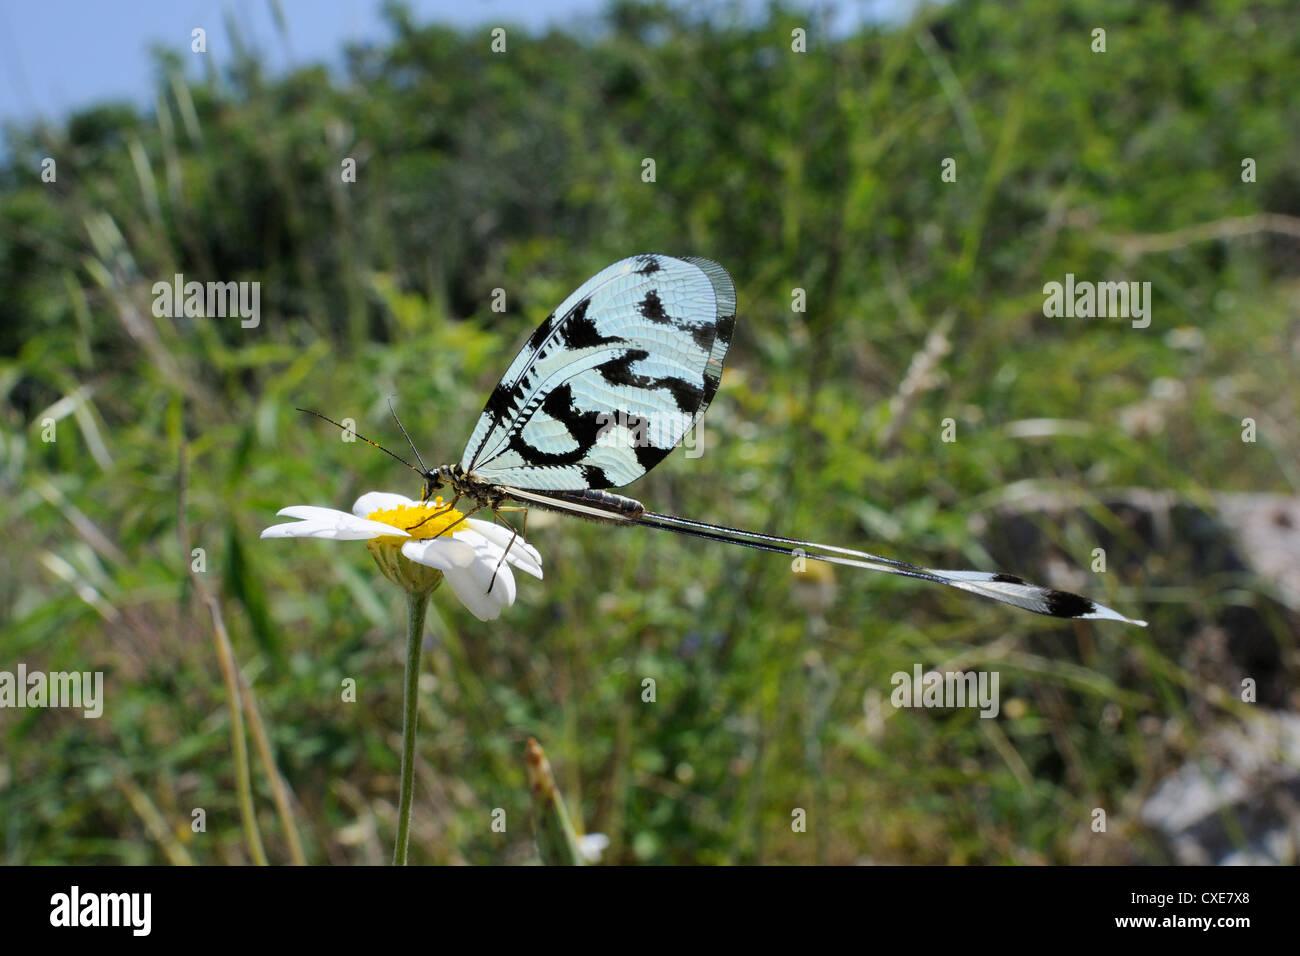 Thread ou chrysope chrysope Spoonwing ailé (Nemoptera sinuata) se nourrissant d'Ox grande marguerite (Leucanthemum vulgare), Lesbos, Grèce Banque D'Images